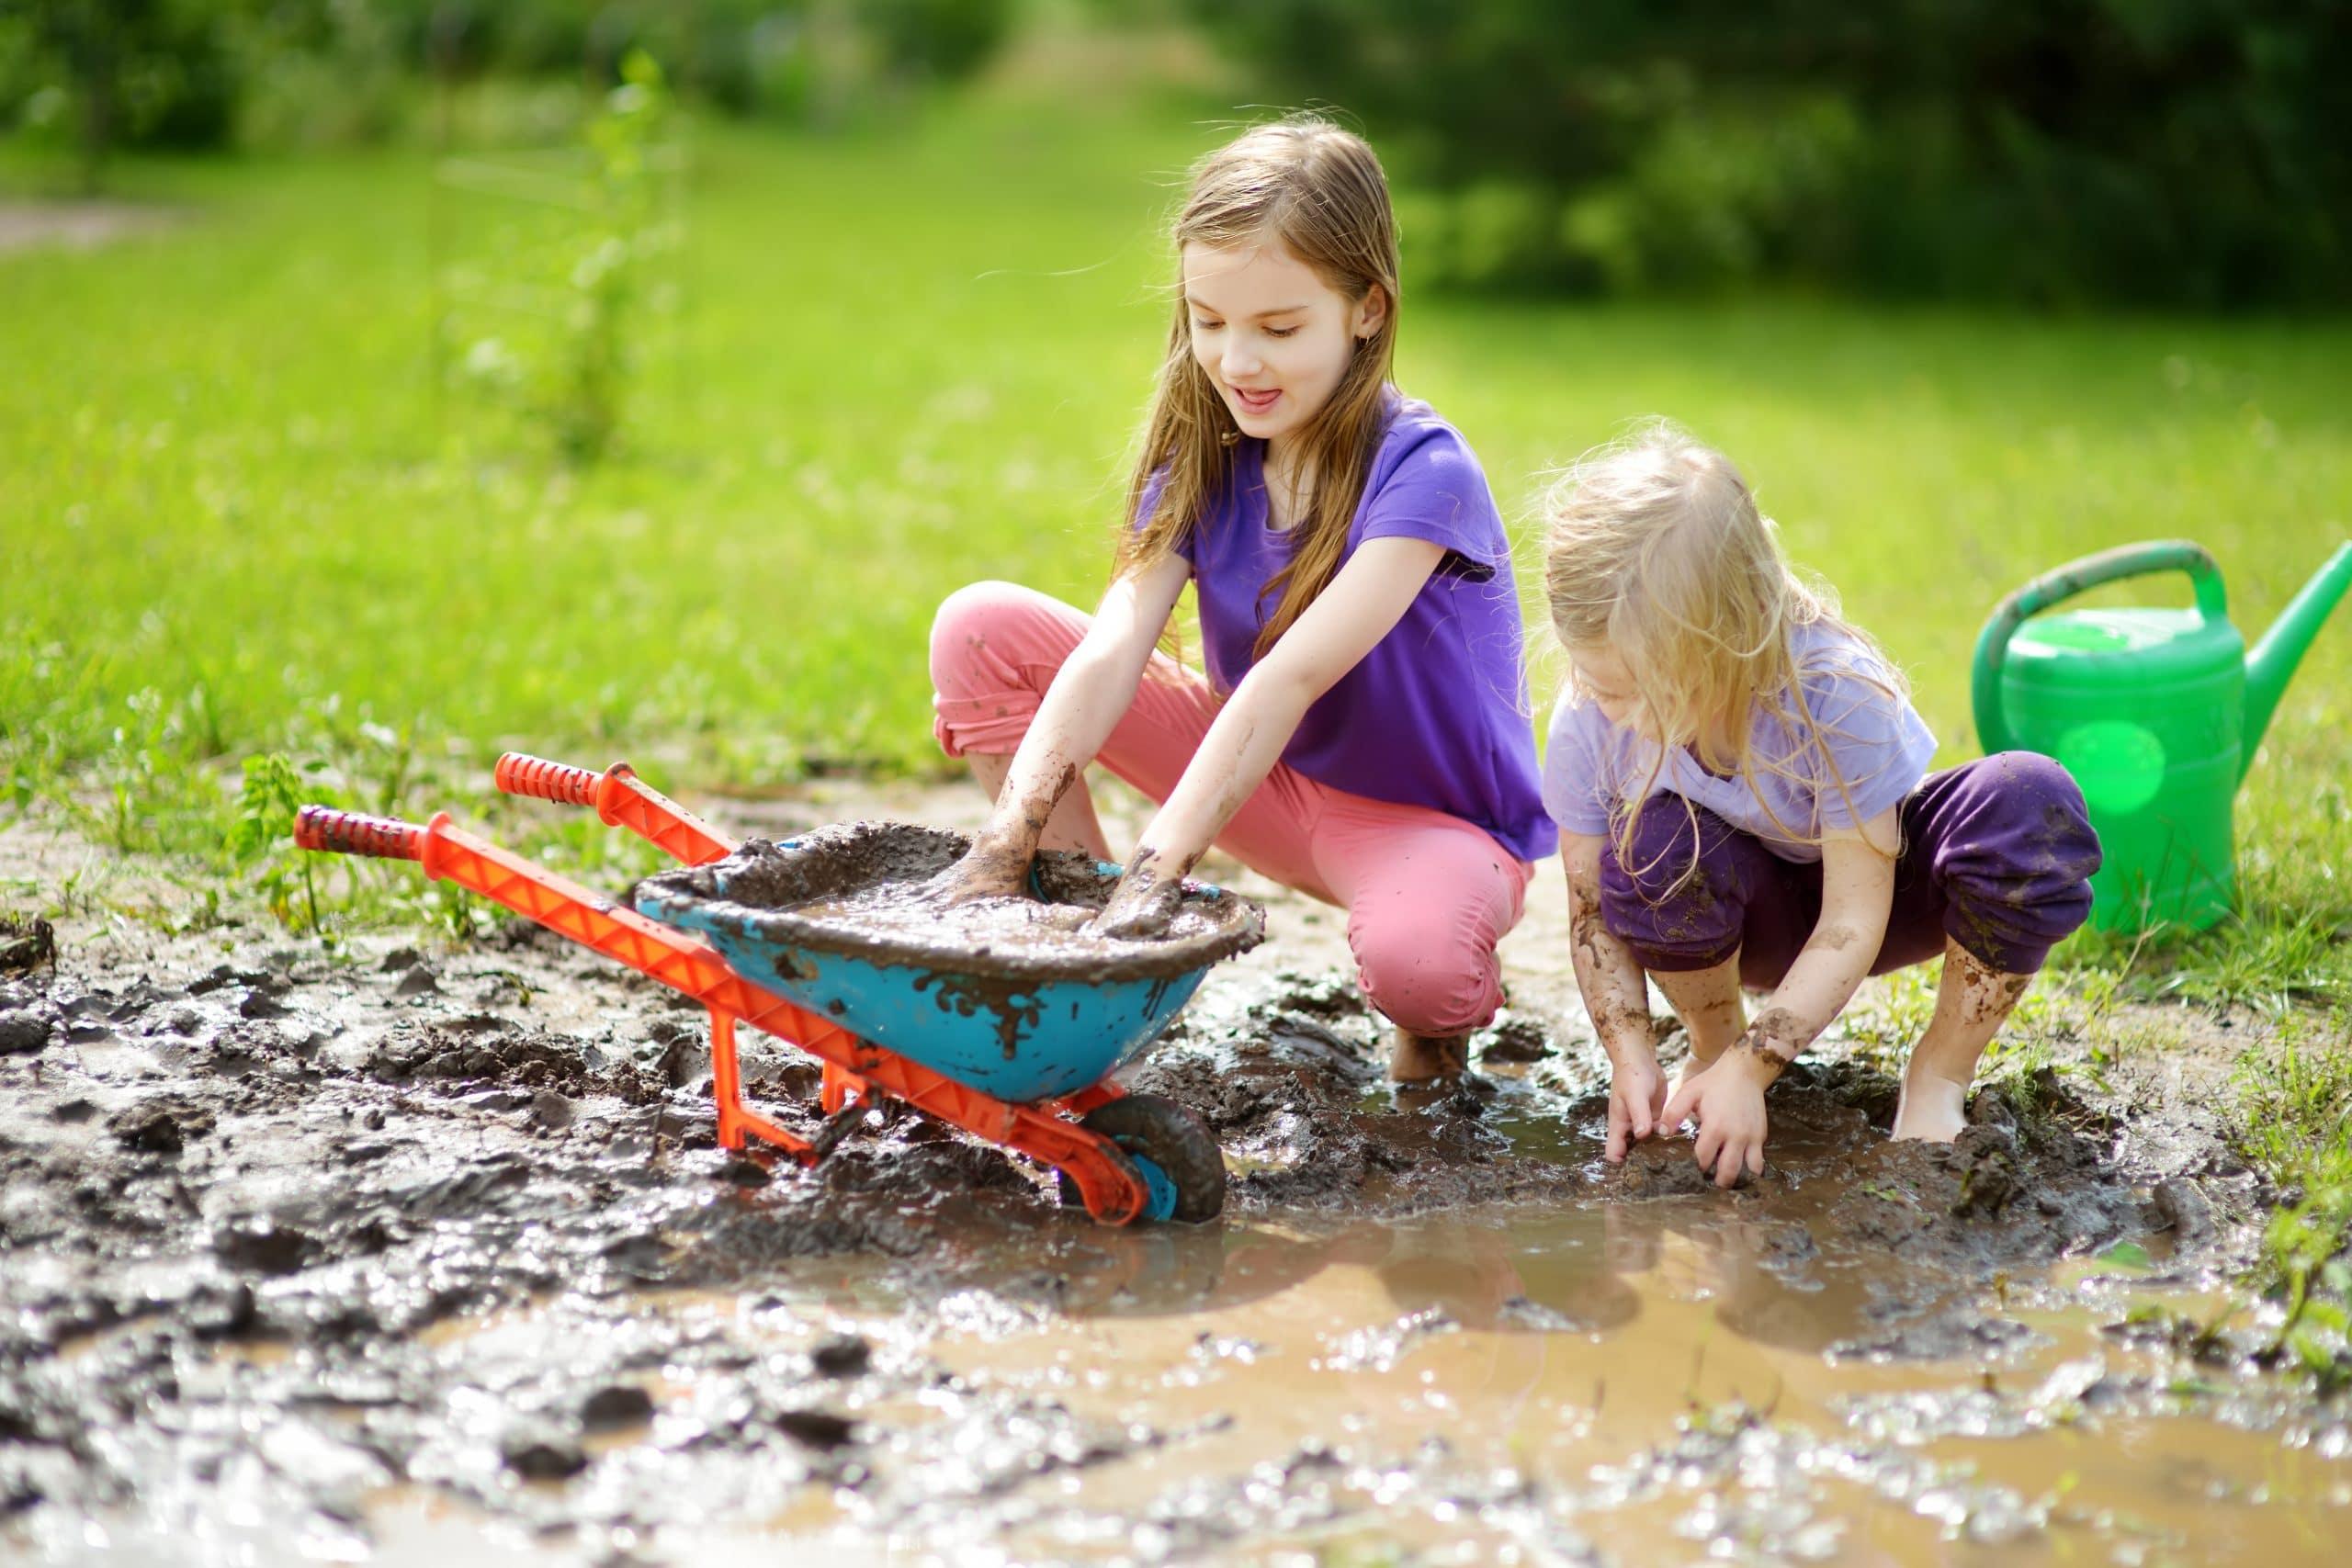 Crianças brincando na lama.